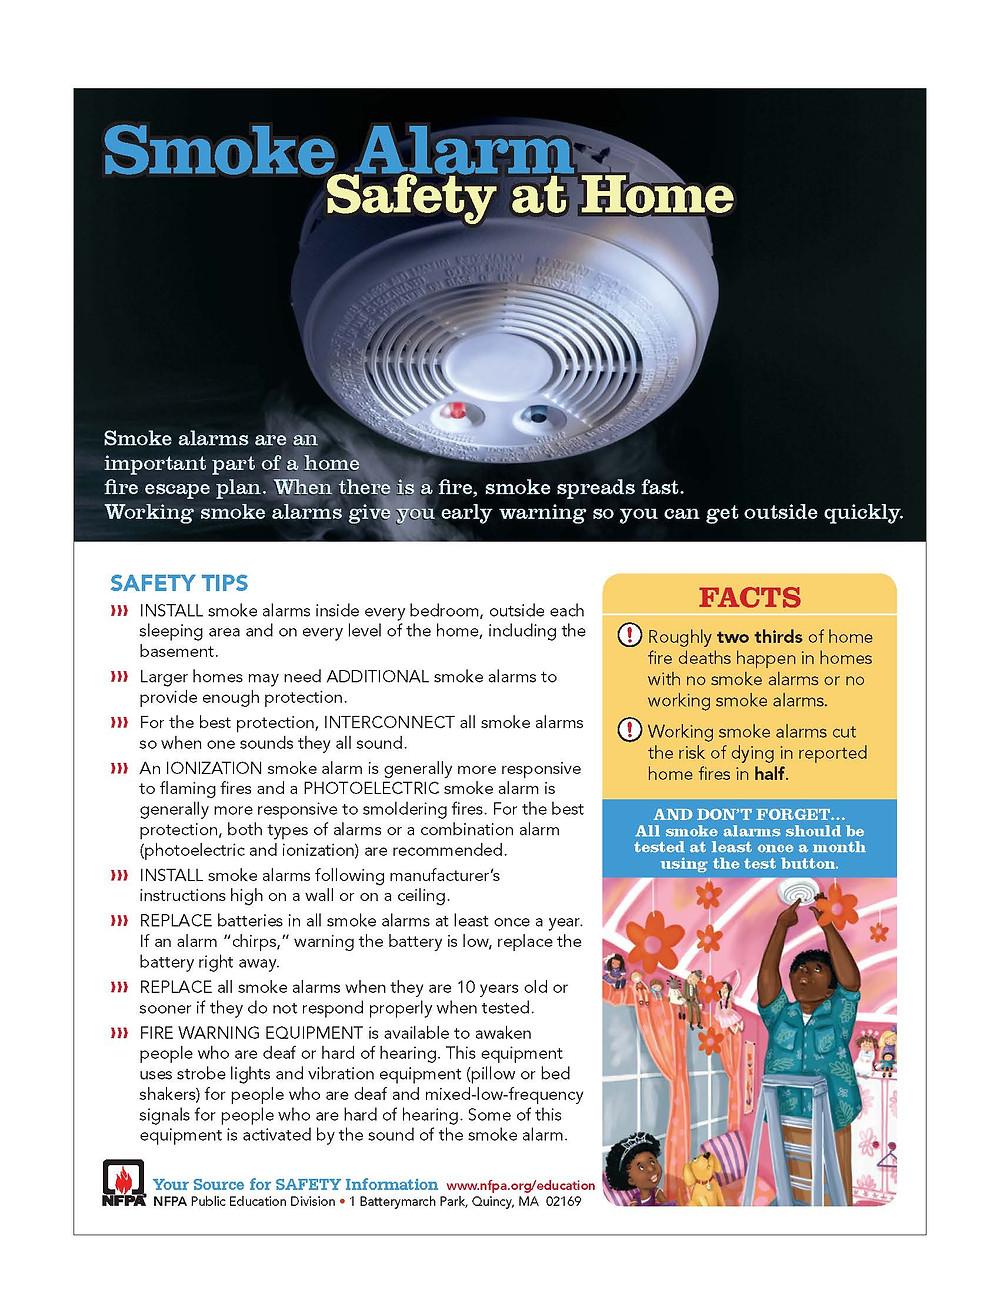 SmokeAlarmsSafetyTips.jpg